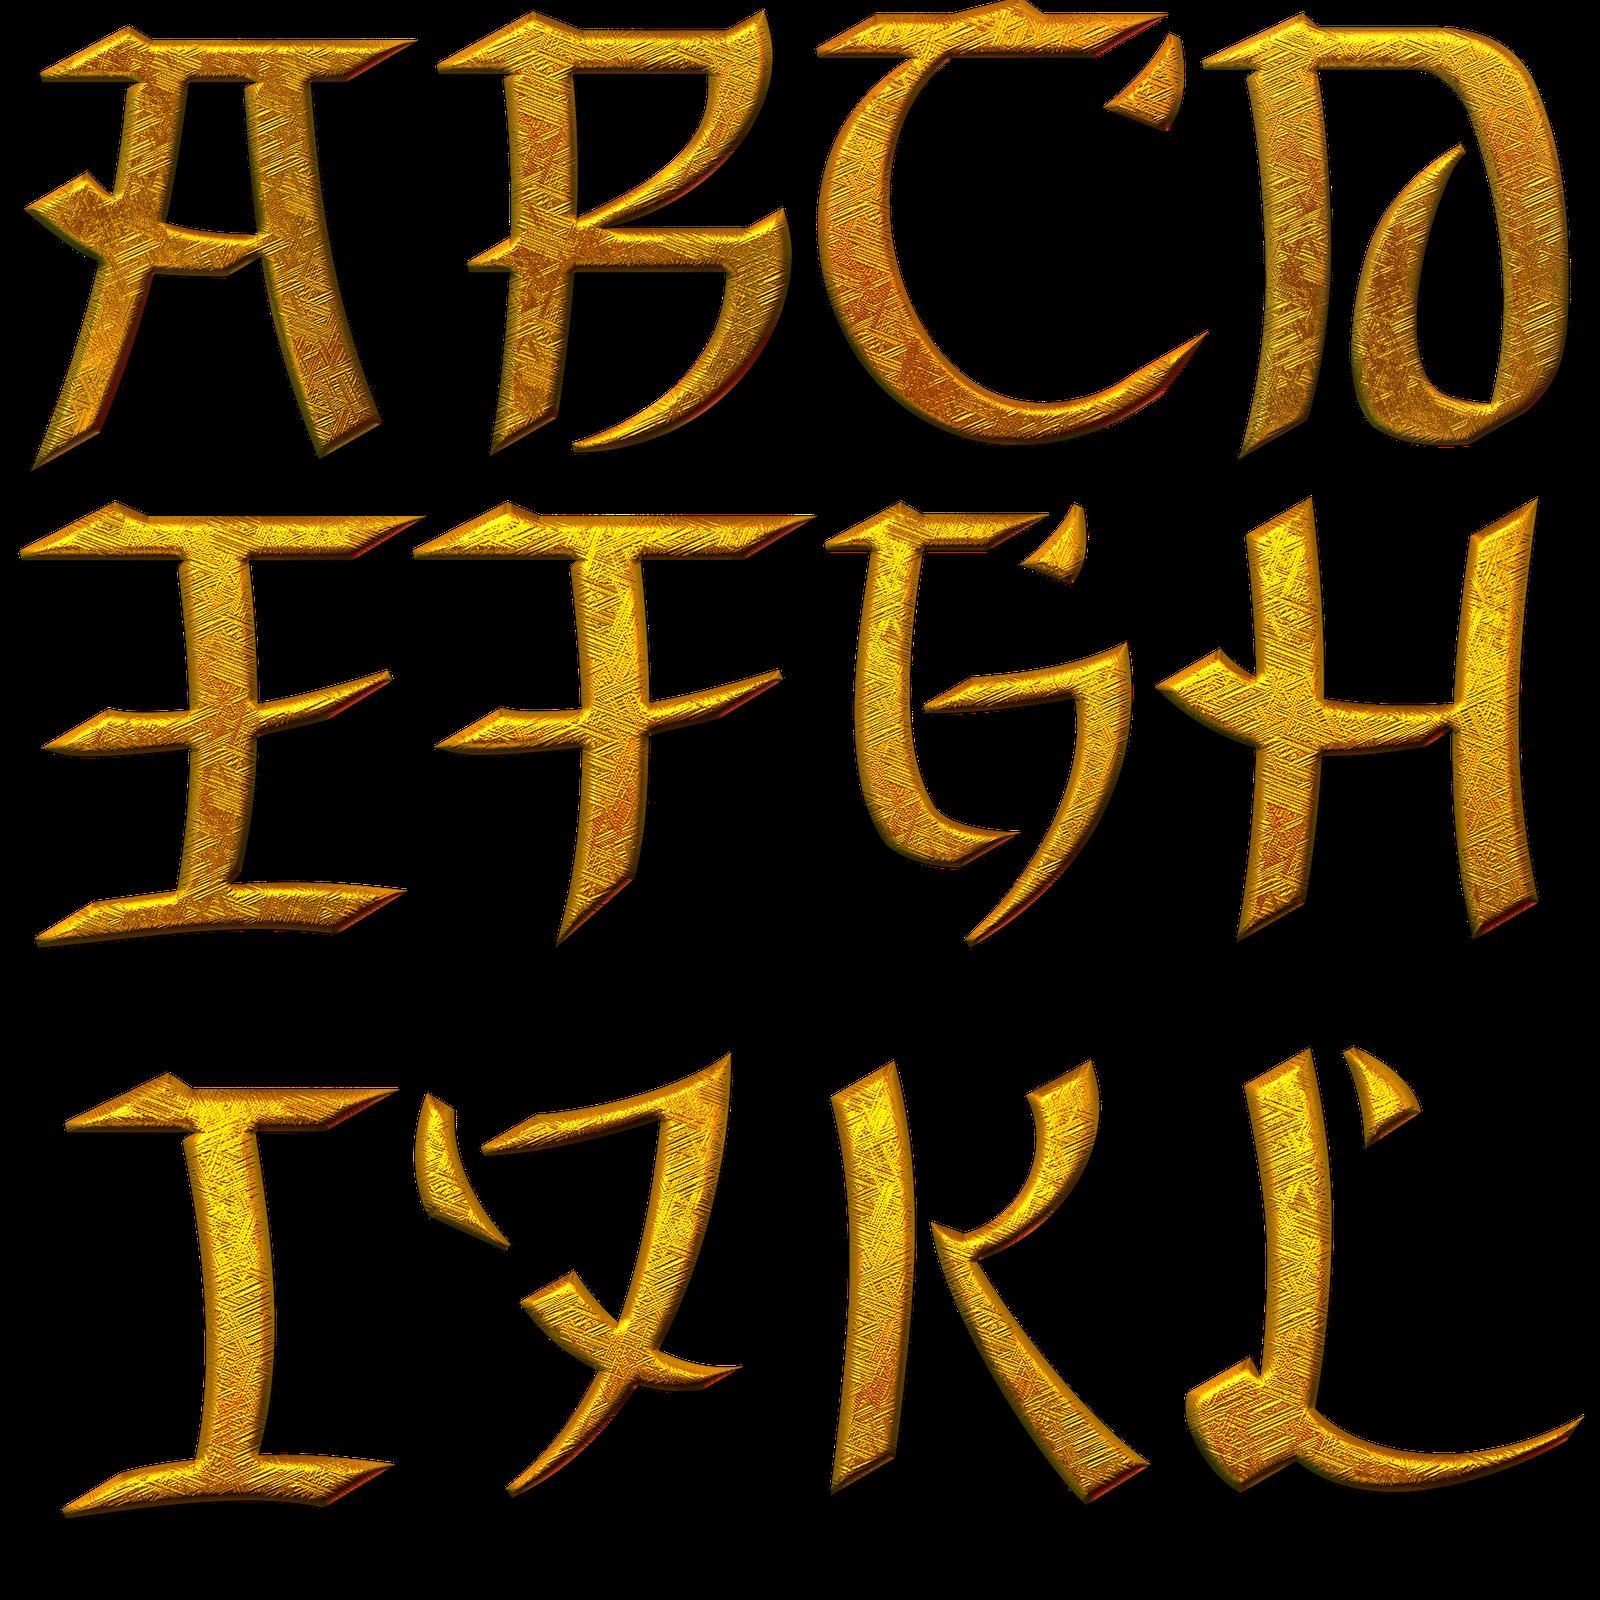 letras asiaticas renders dez On letras asiaticas